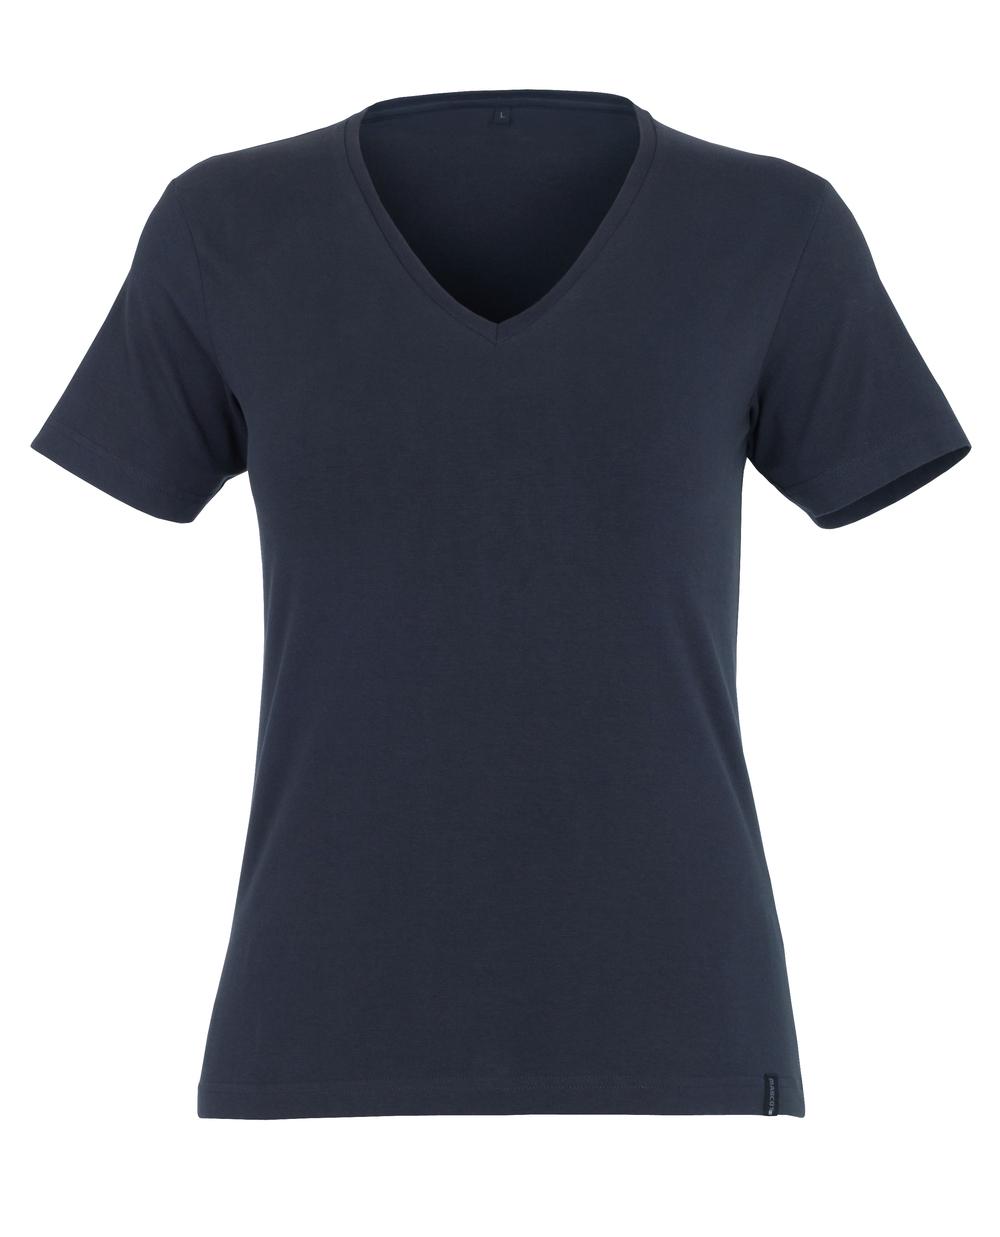 50369-862-010 T-shirt - donkermarine